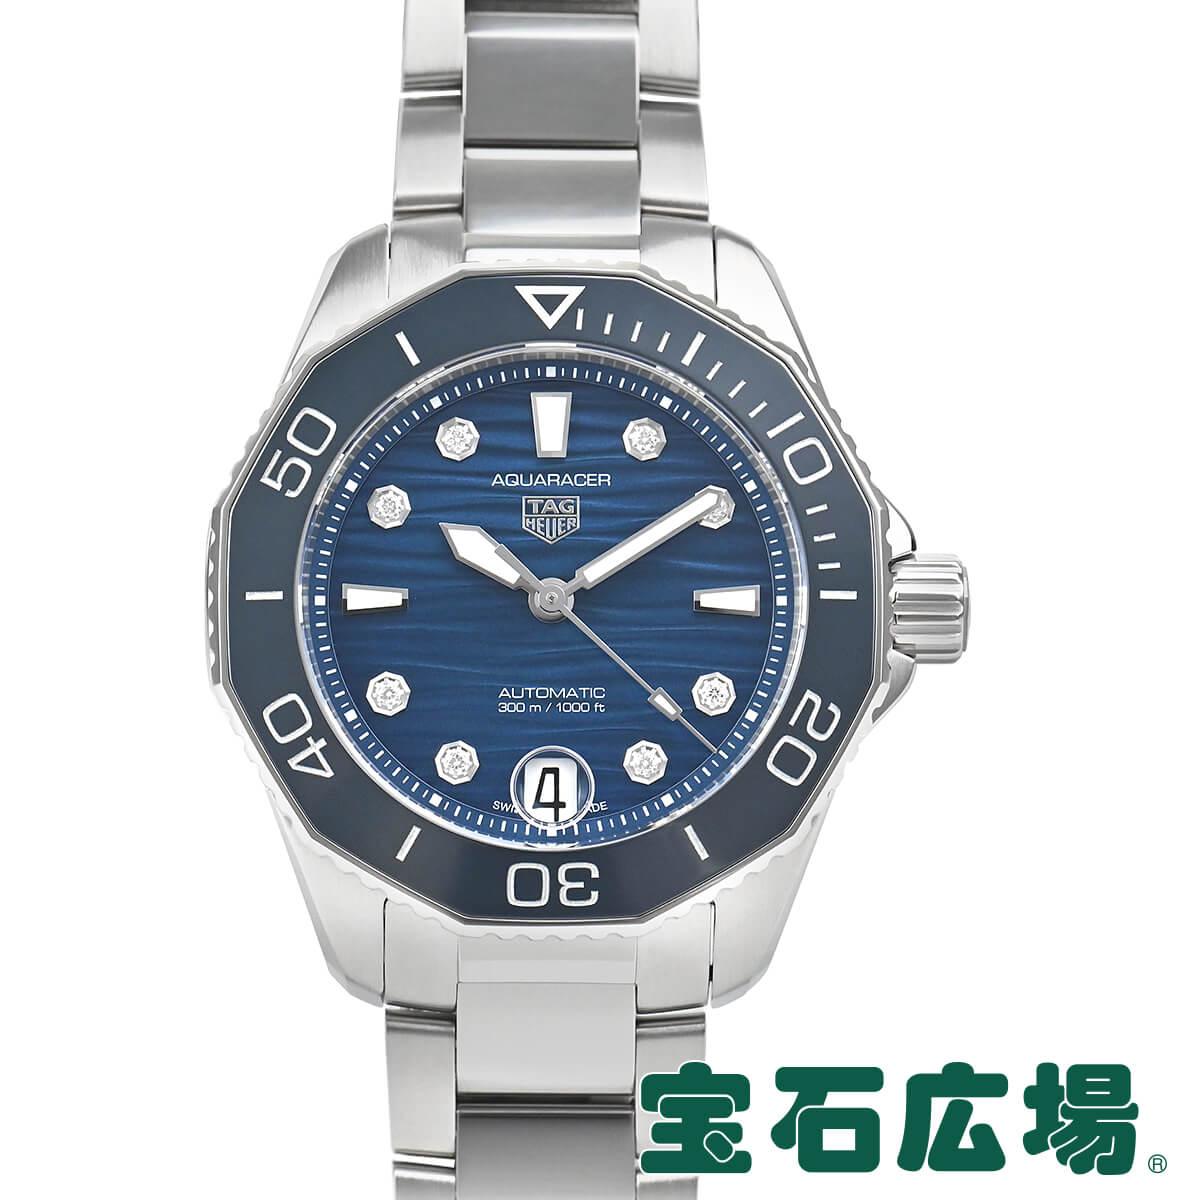 タグ ホイヤー アクアレーサー プロフェッショナル300 WBP231B.BA0618 驚きの価格が実現 新品 Heuer TAG 期間限定 送料無料 レディース 腕時計